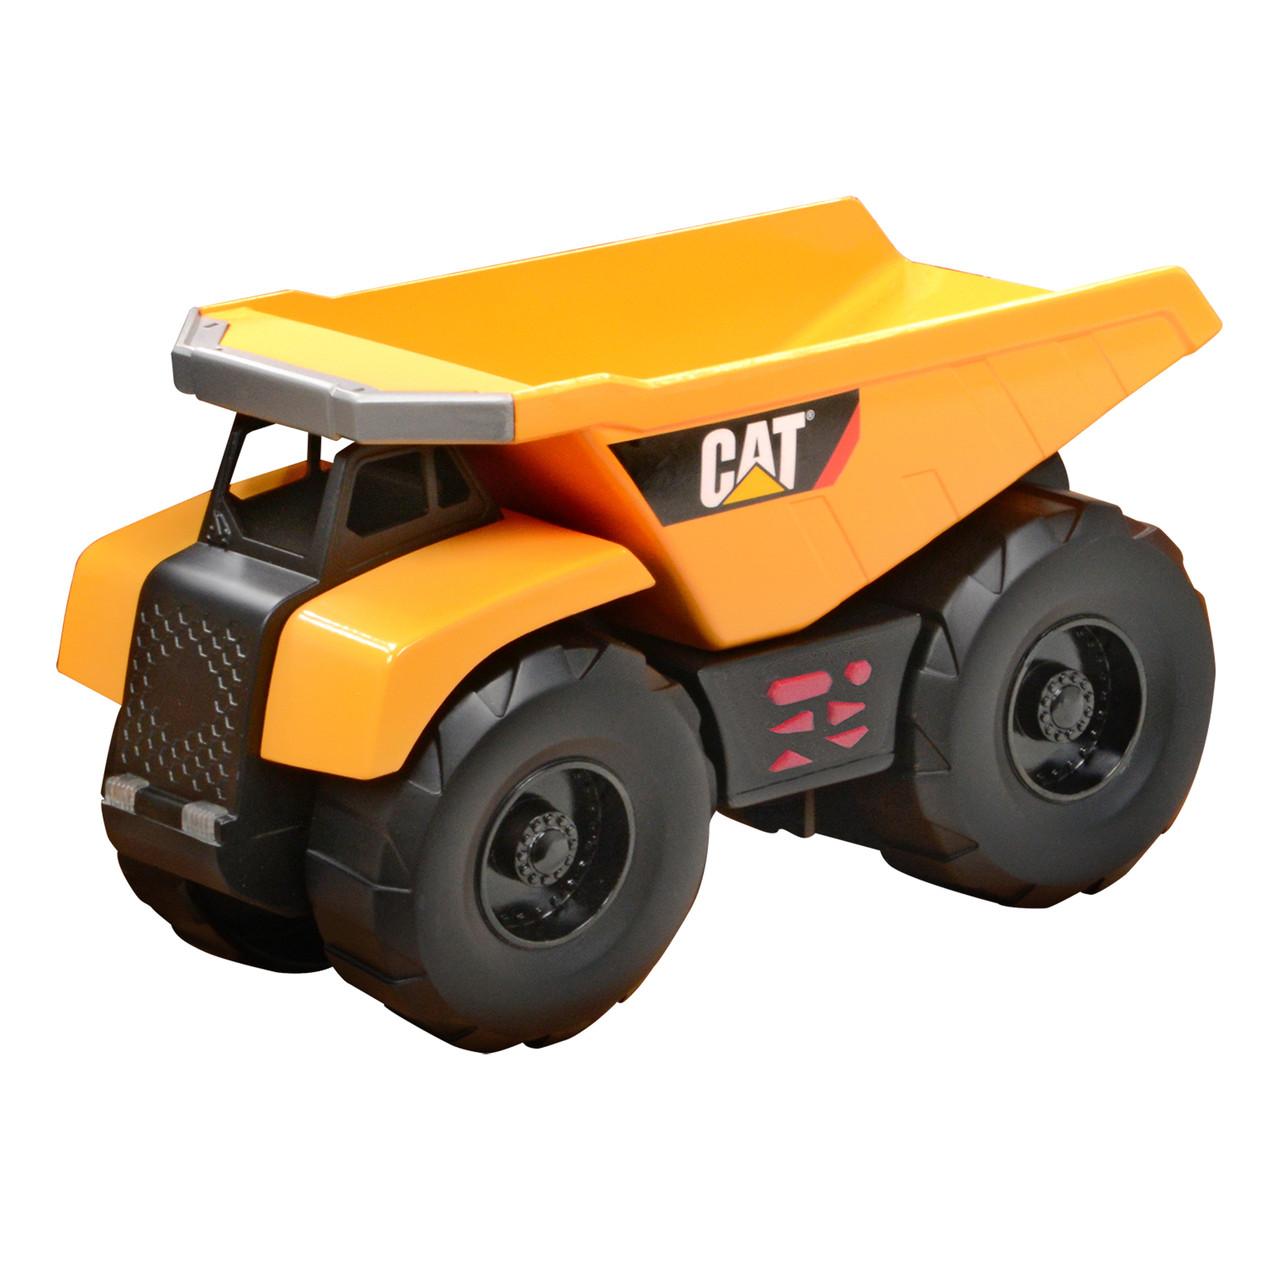 Самосвал CAT, 33 см «Toy State» (35641)